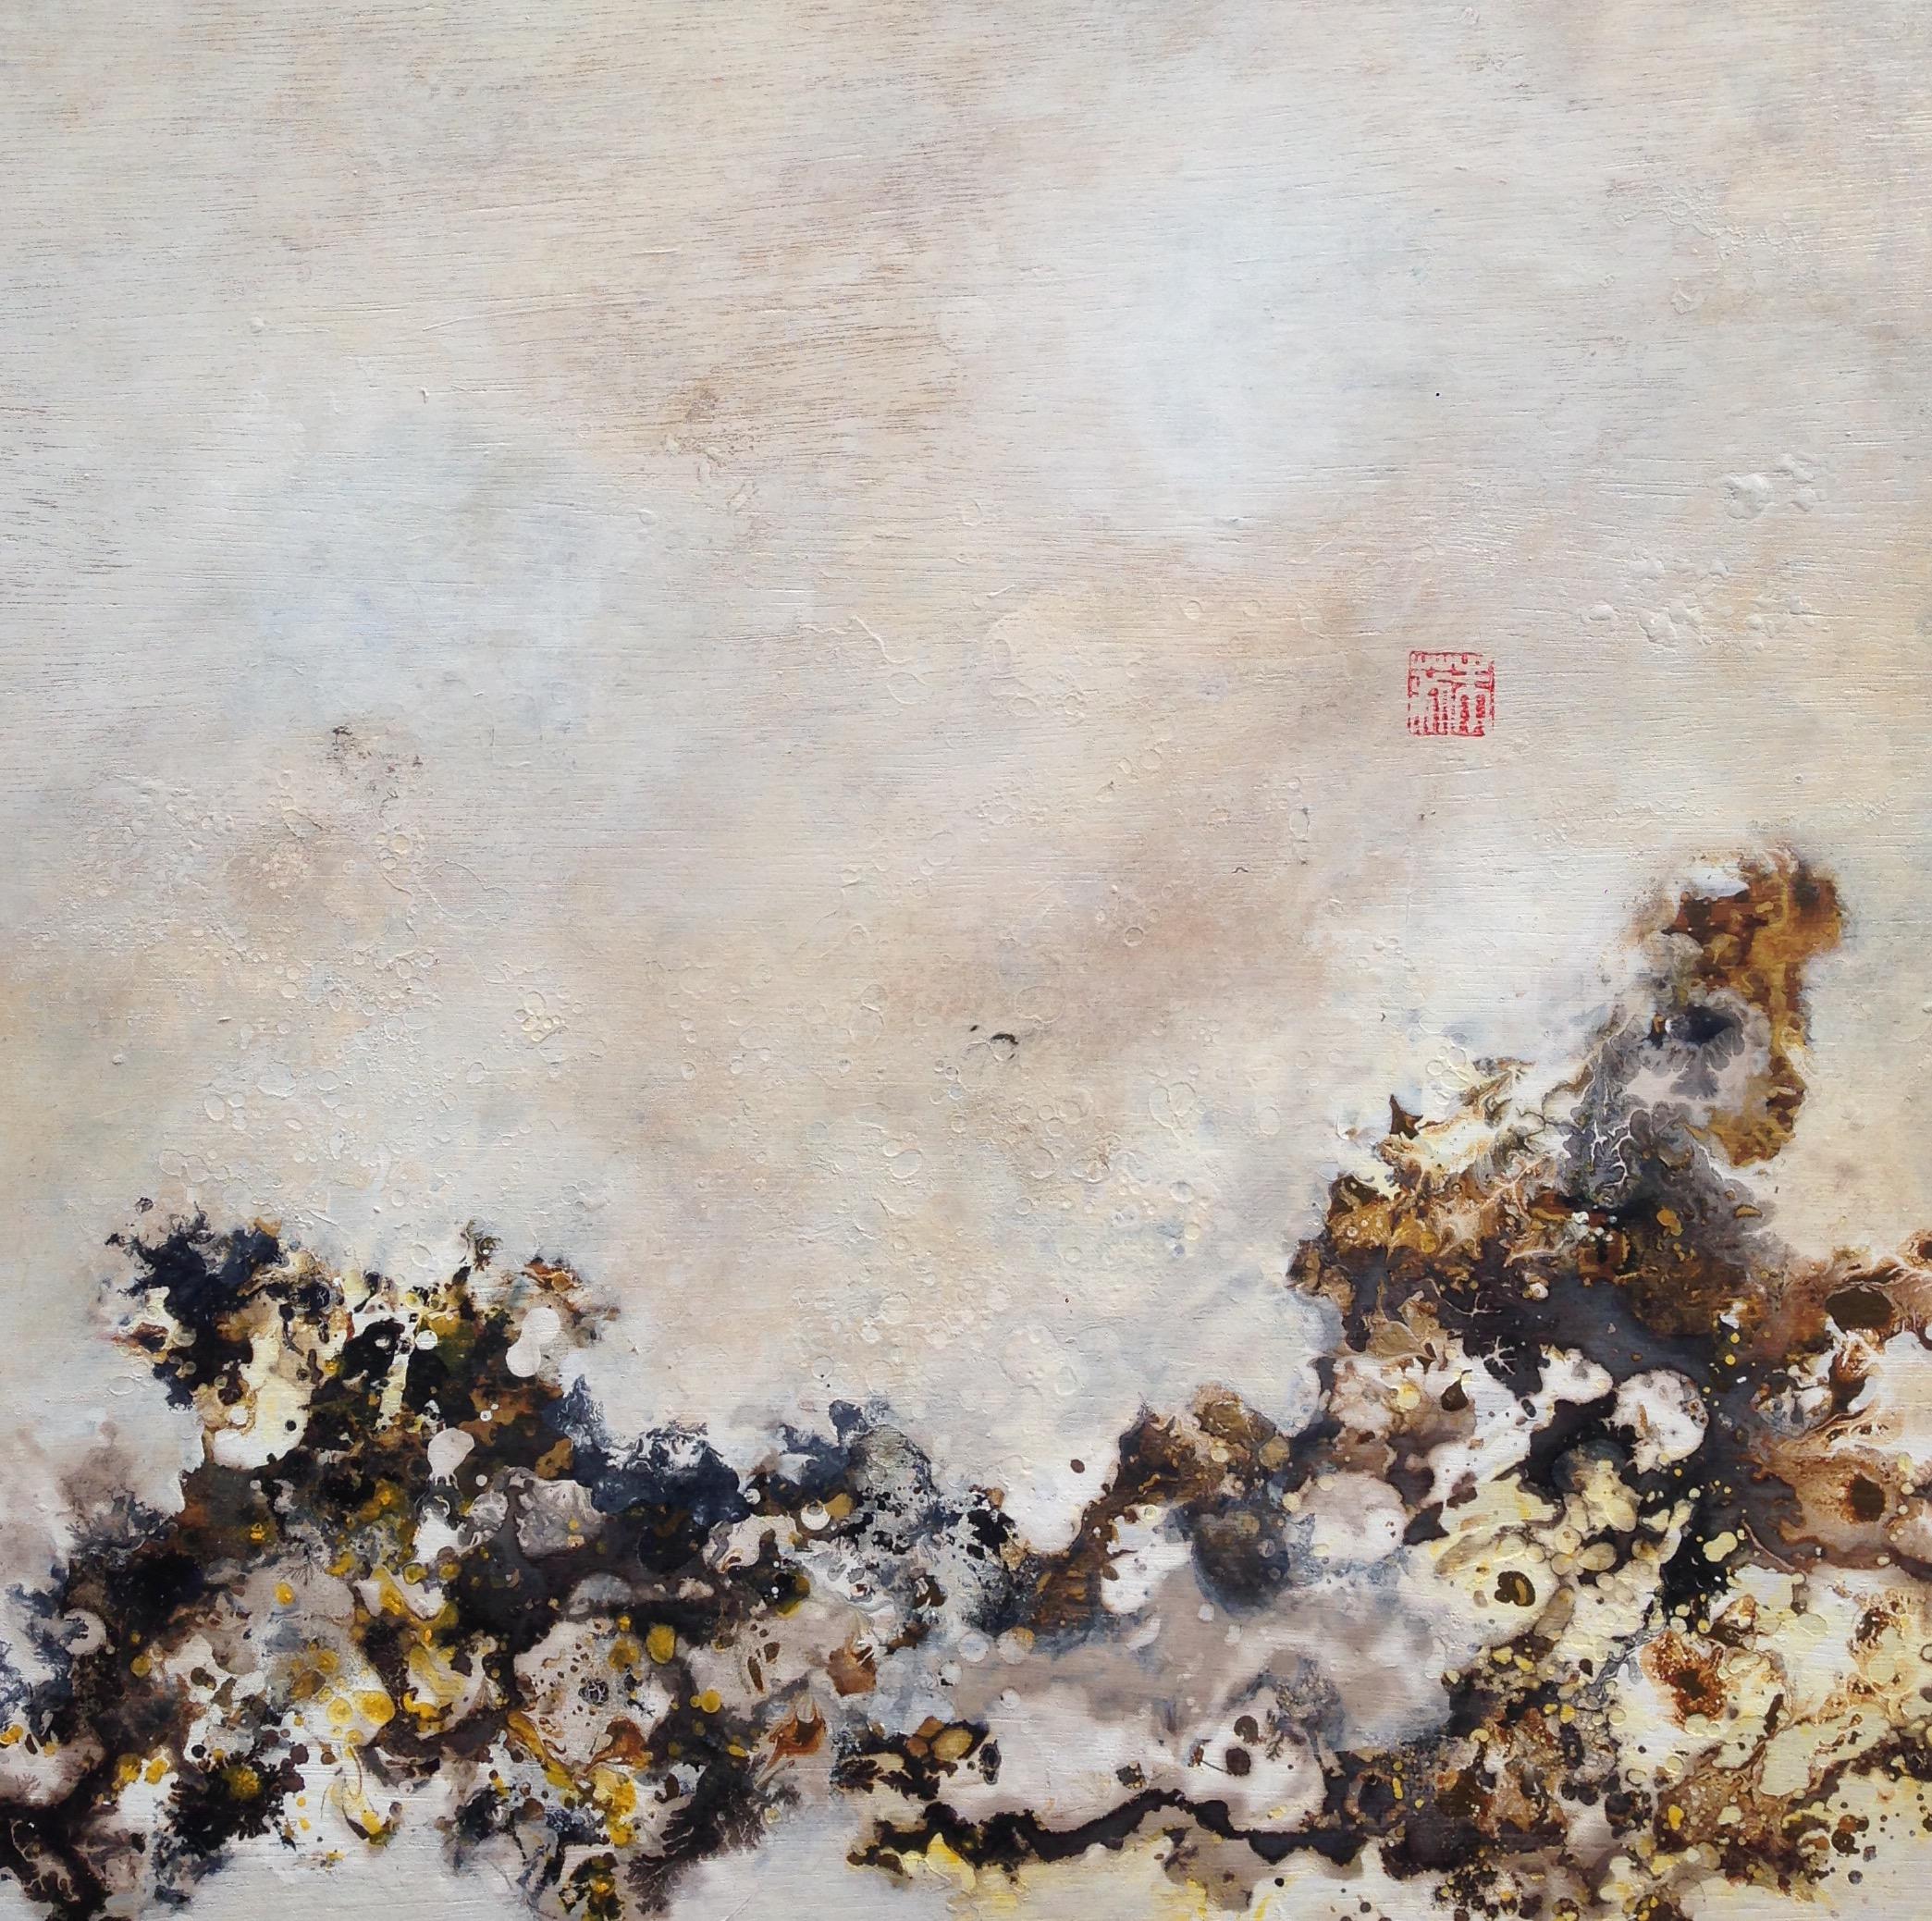 Julie Hauer, Untitled, 2017, Mischtechnik auf Holz, 50 x 50 cm